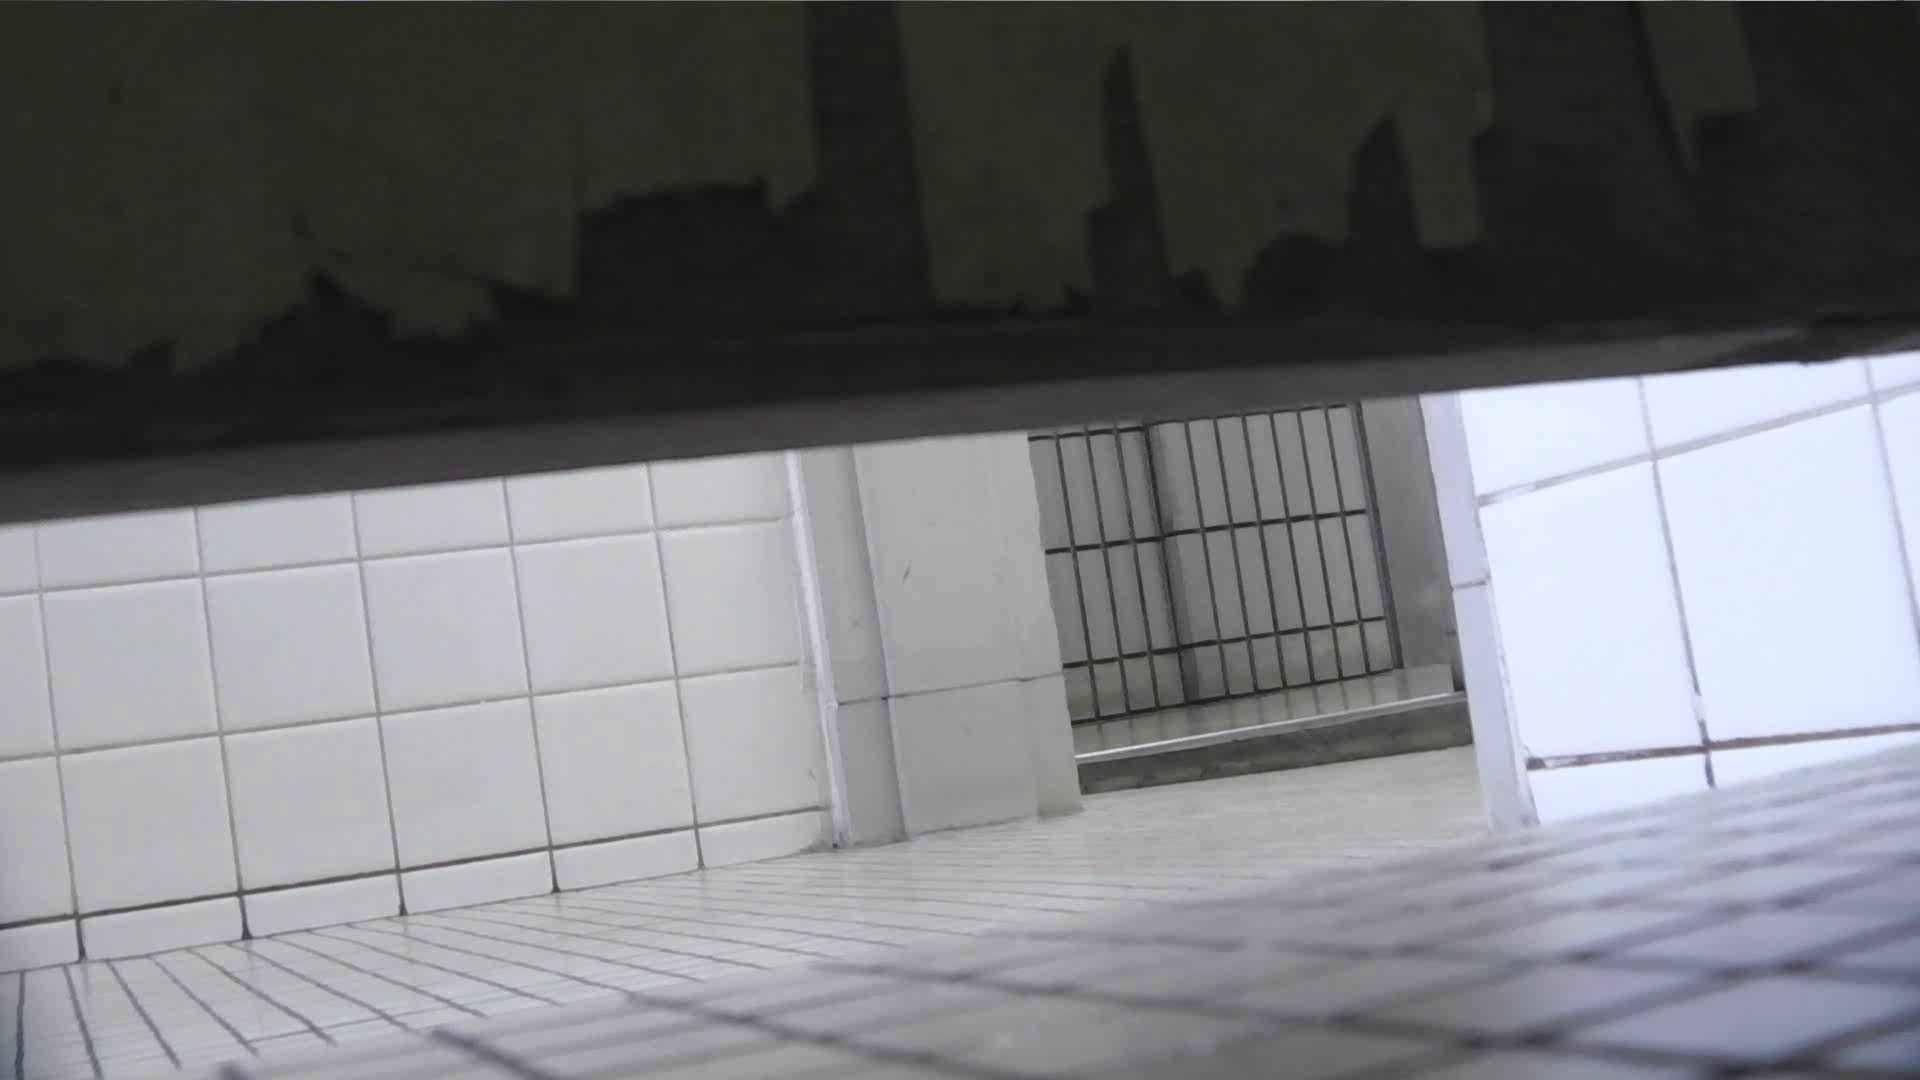 【美しき個室な世界】 vol.025 メガネ属性ヾ(´∀`)ノ HなOL  94pic 63